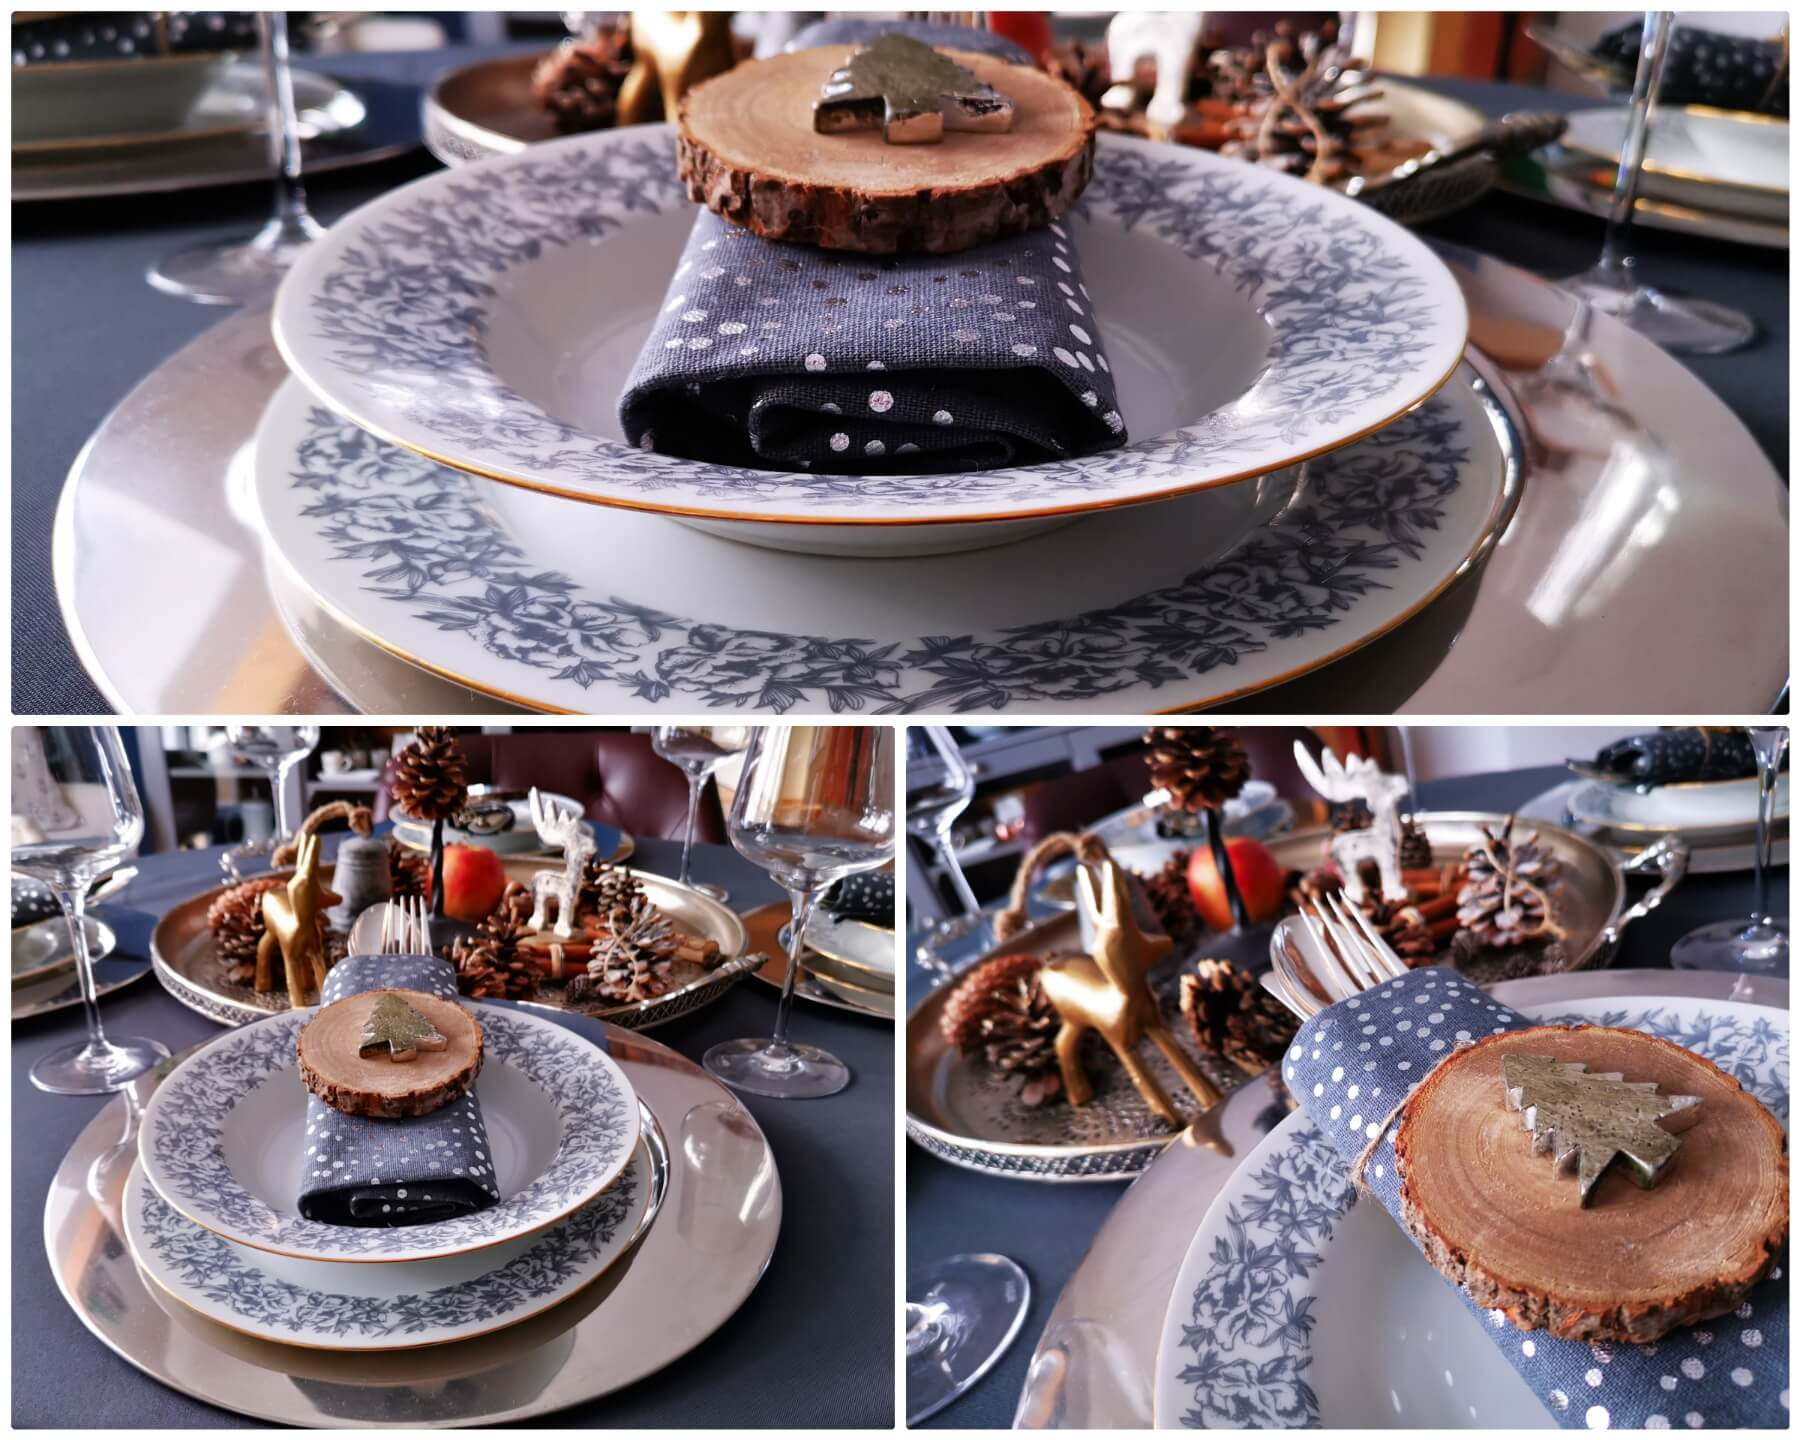 inCollage 20191201 202332373 resized 20191201 082732389 - Inšpirácia na krásne vyzdobený vianočný stôl